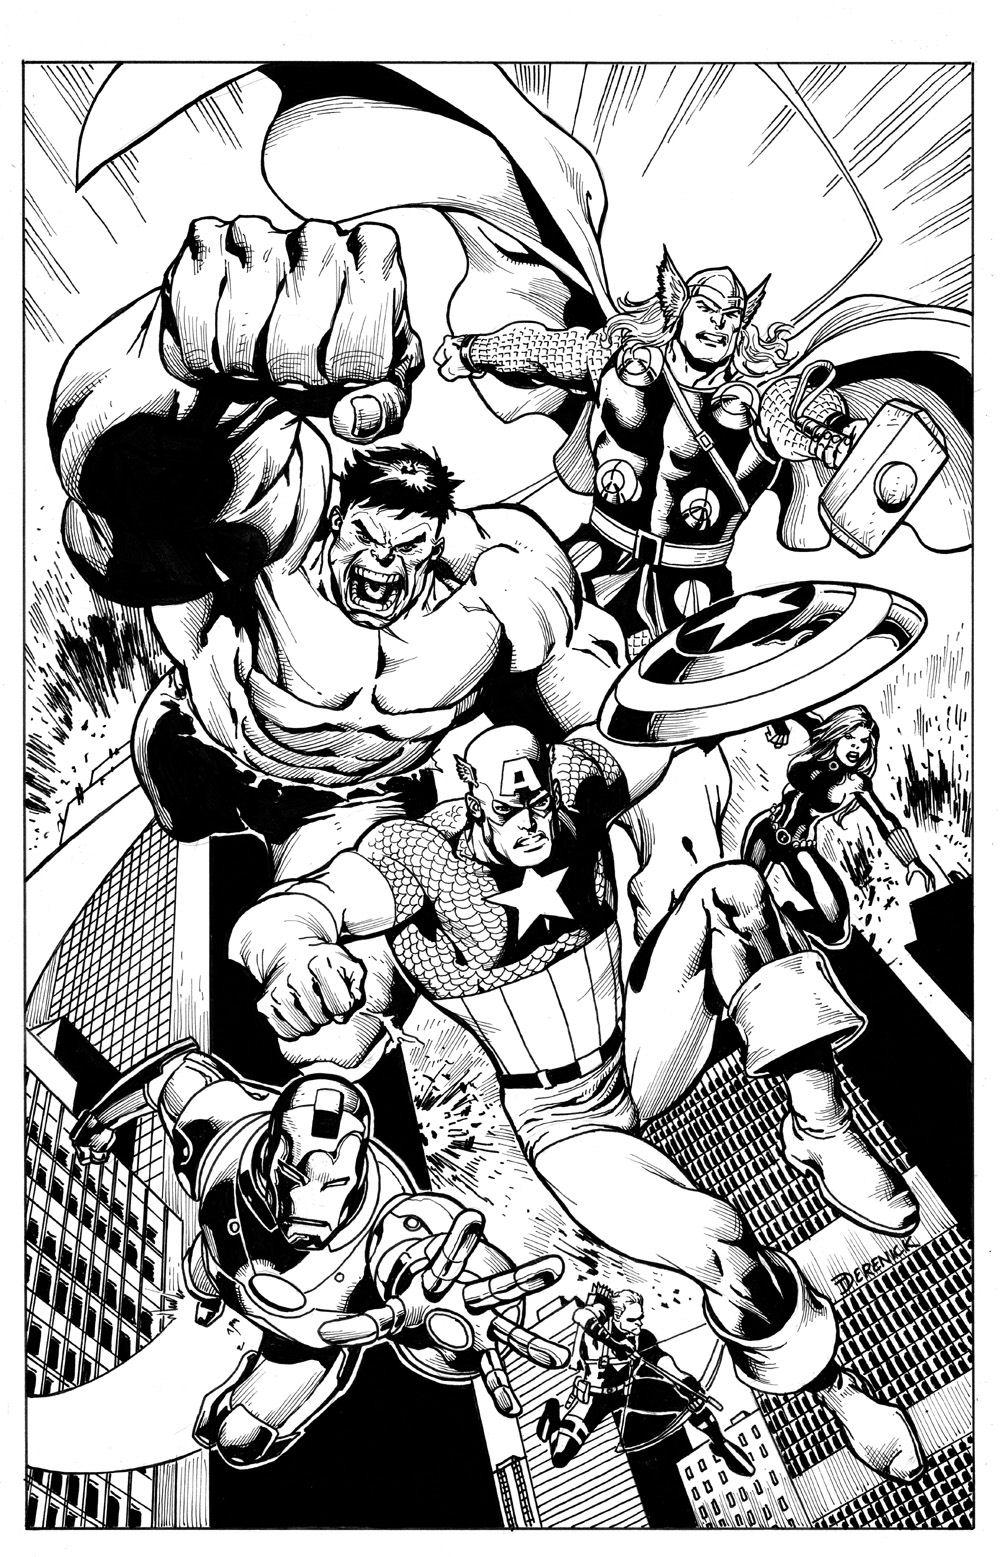 Avengers finale